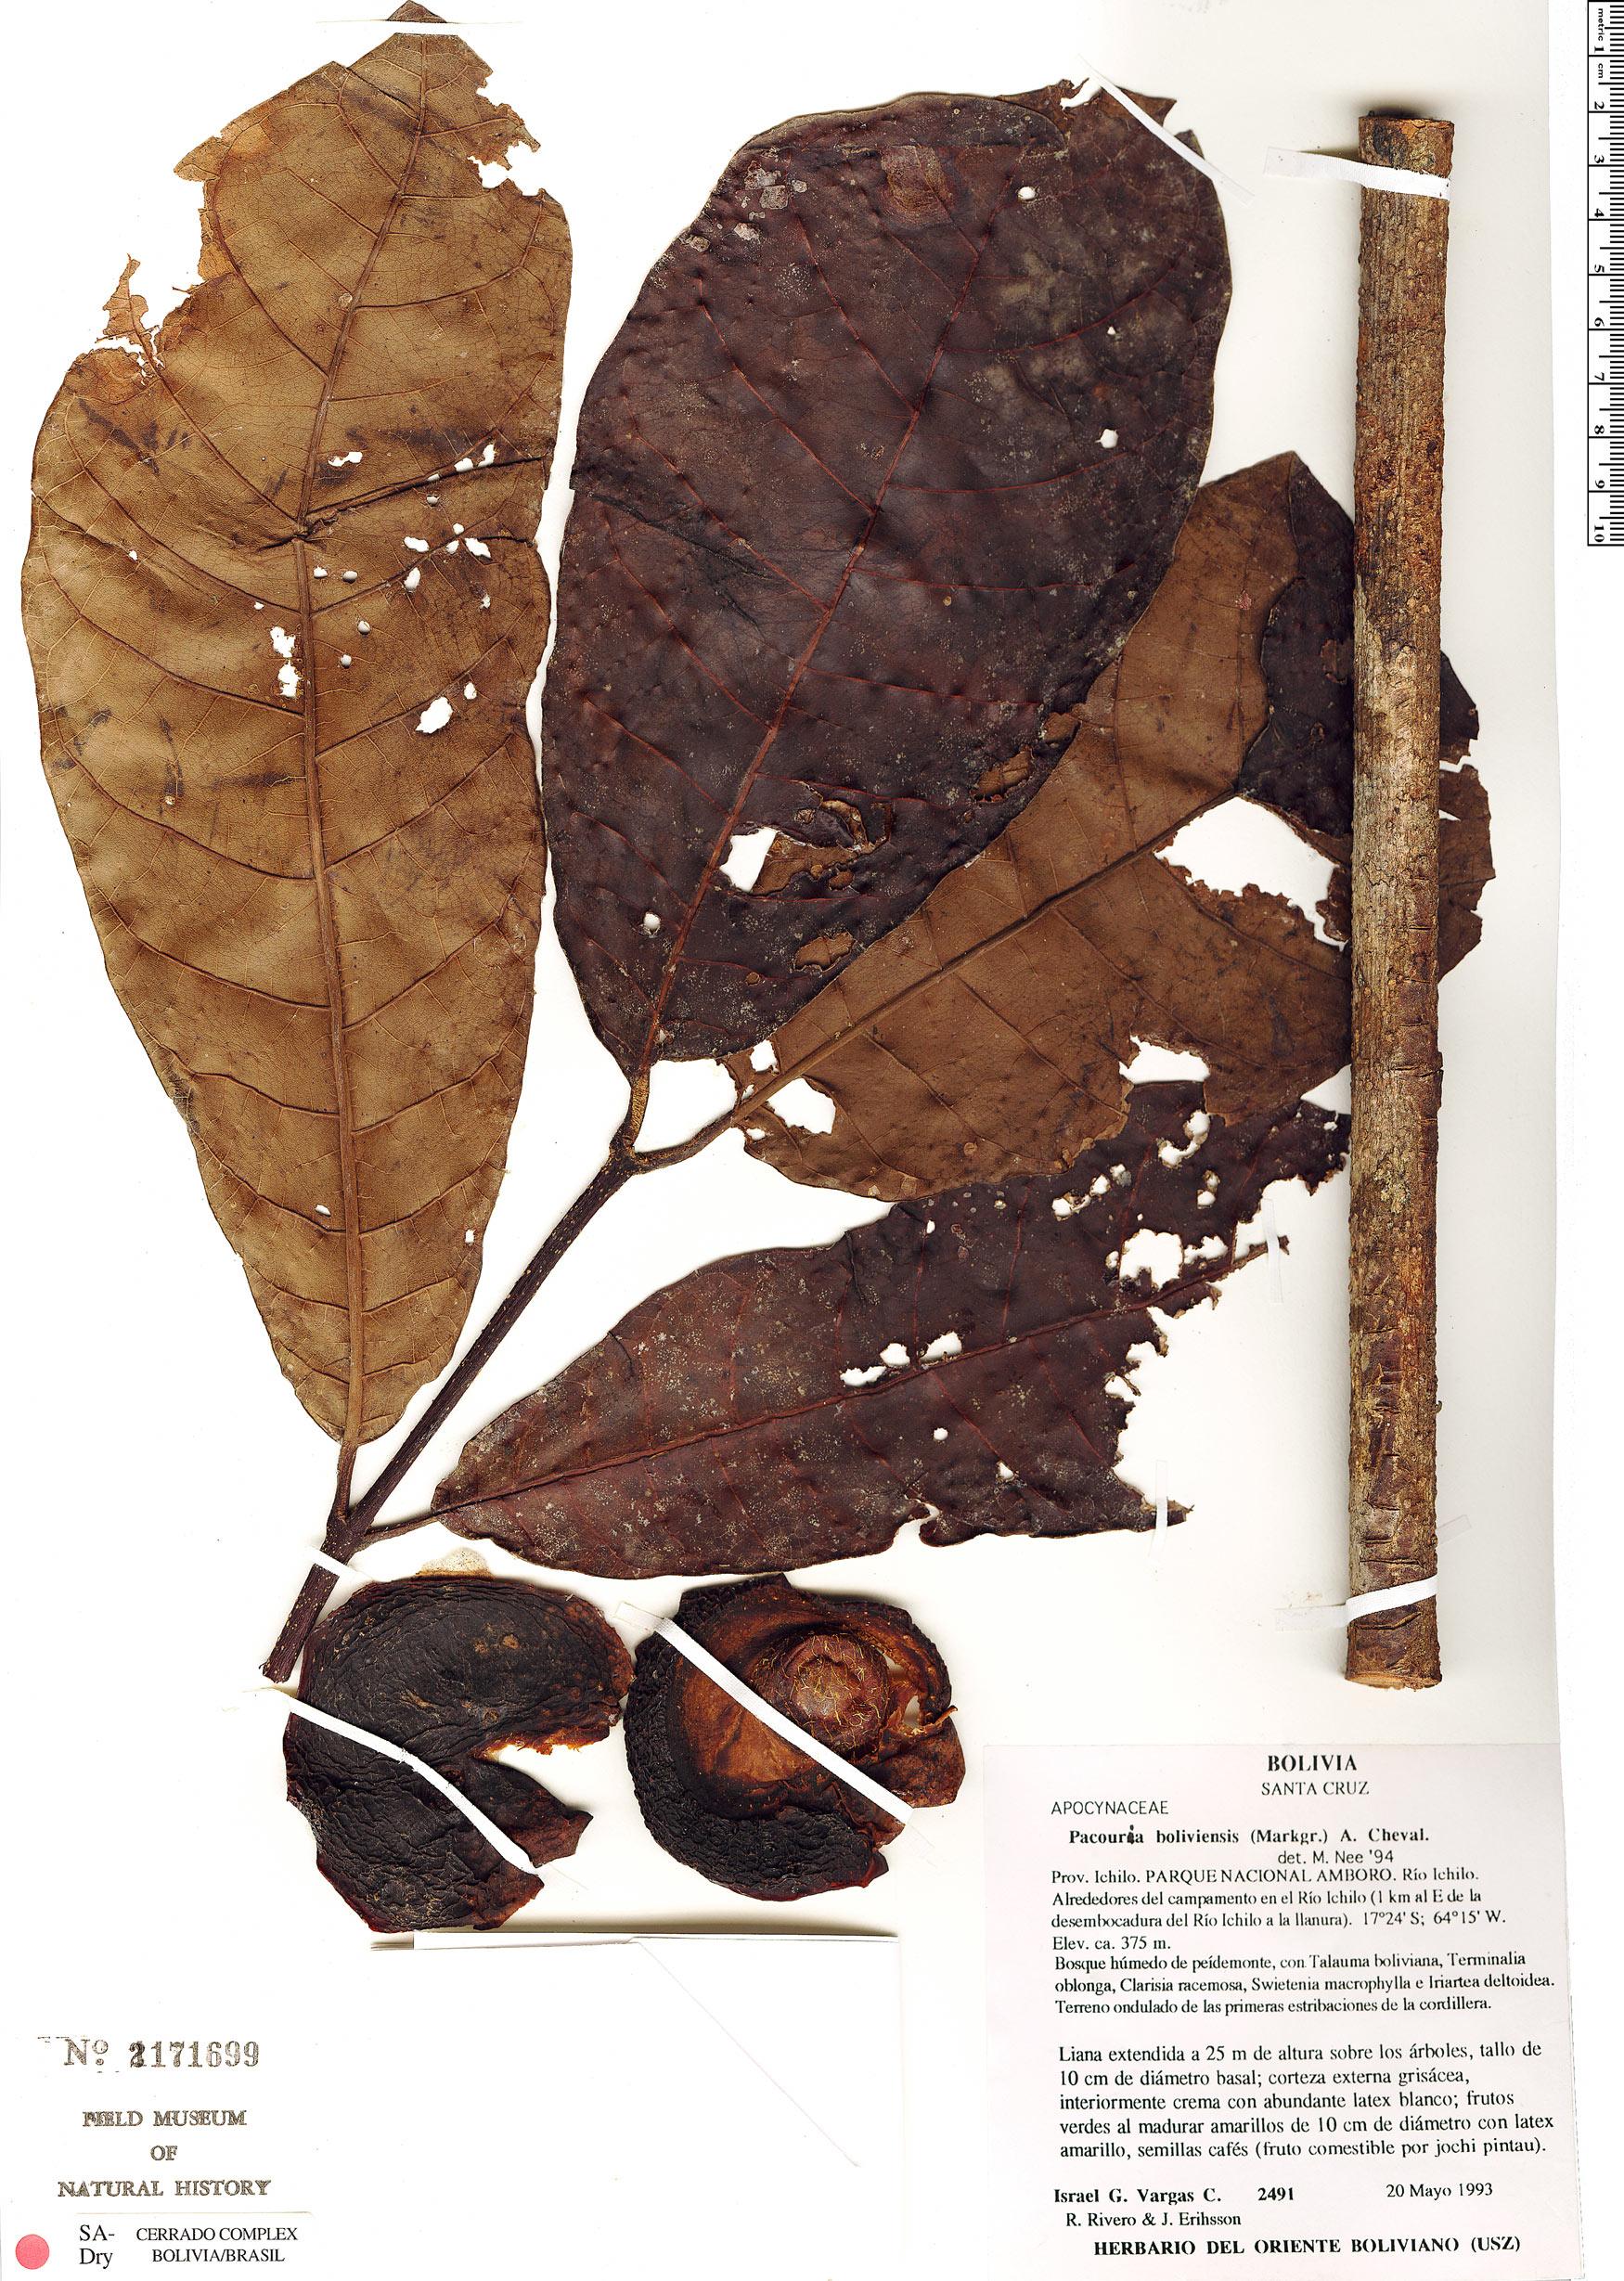 Specimen: Pacouria boliviensis